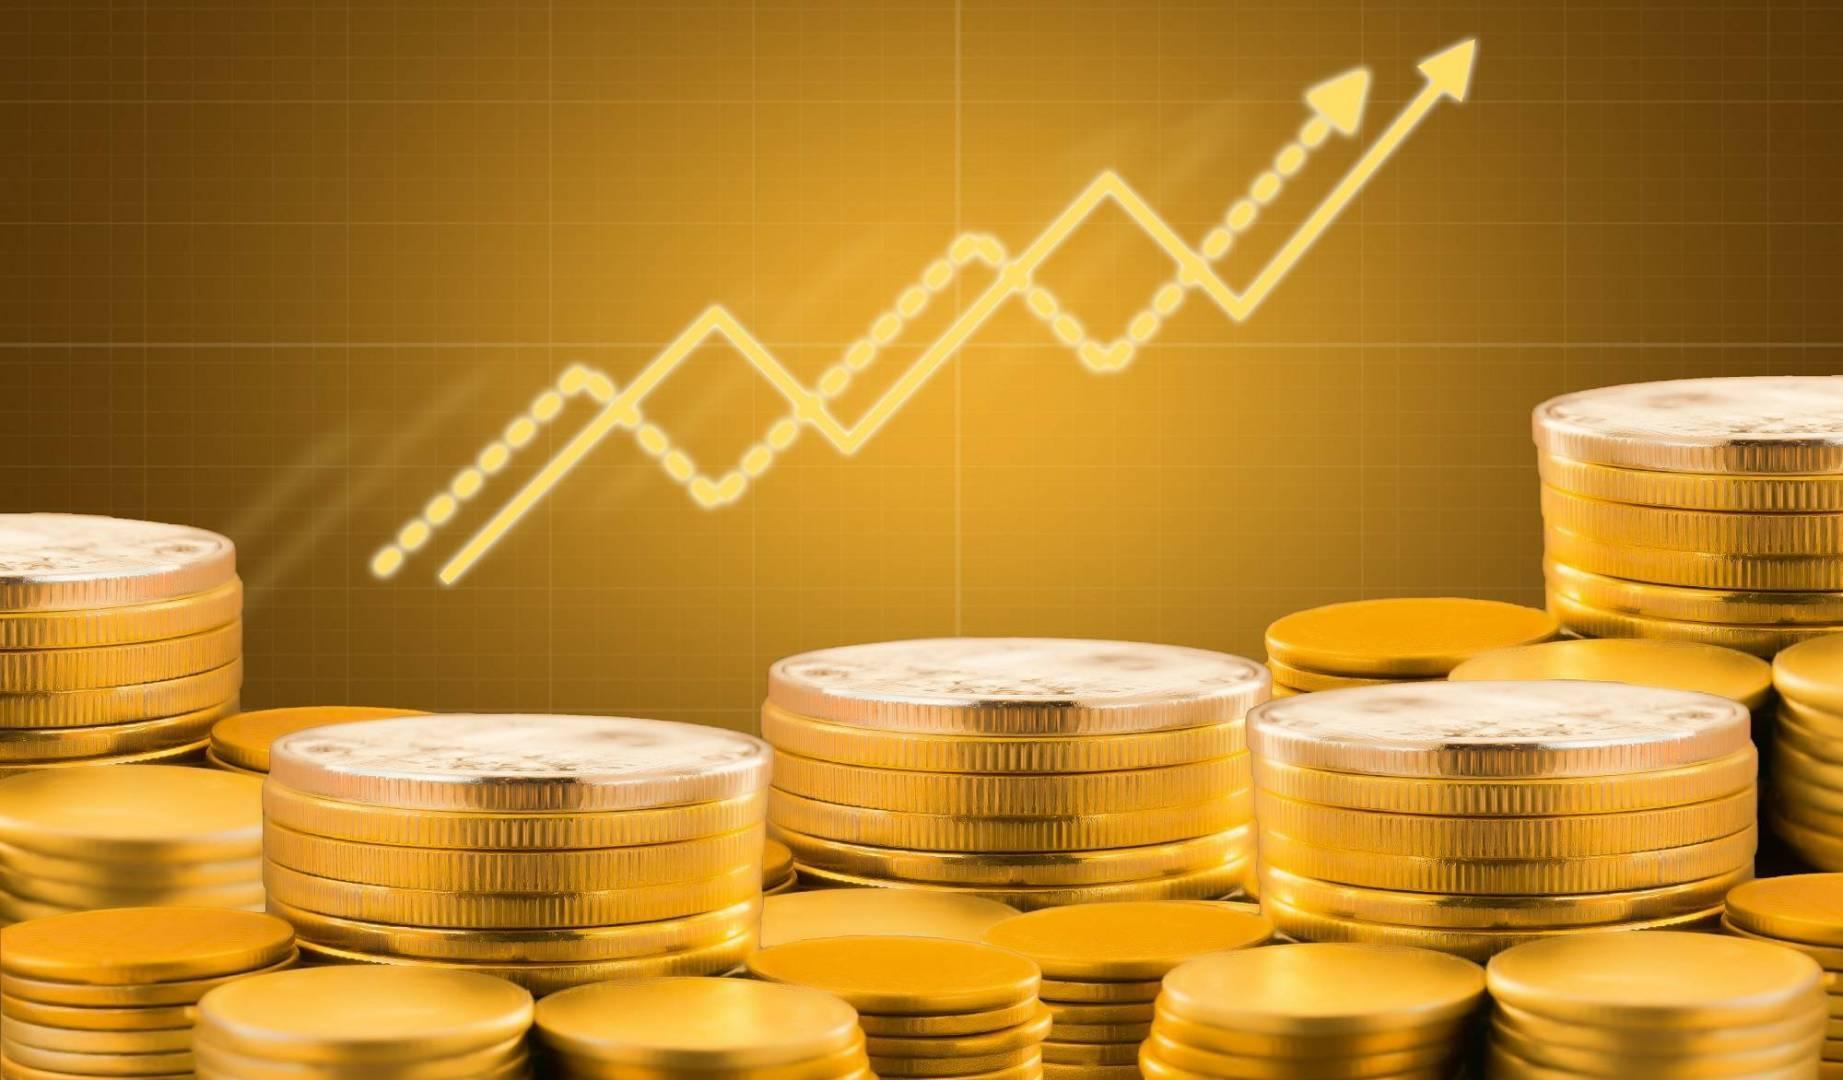 توقعات التحفيز الأمريكي ترفع الذهب رغم صعود الدولار